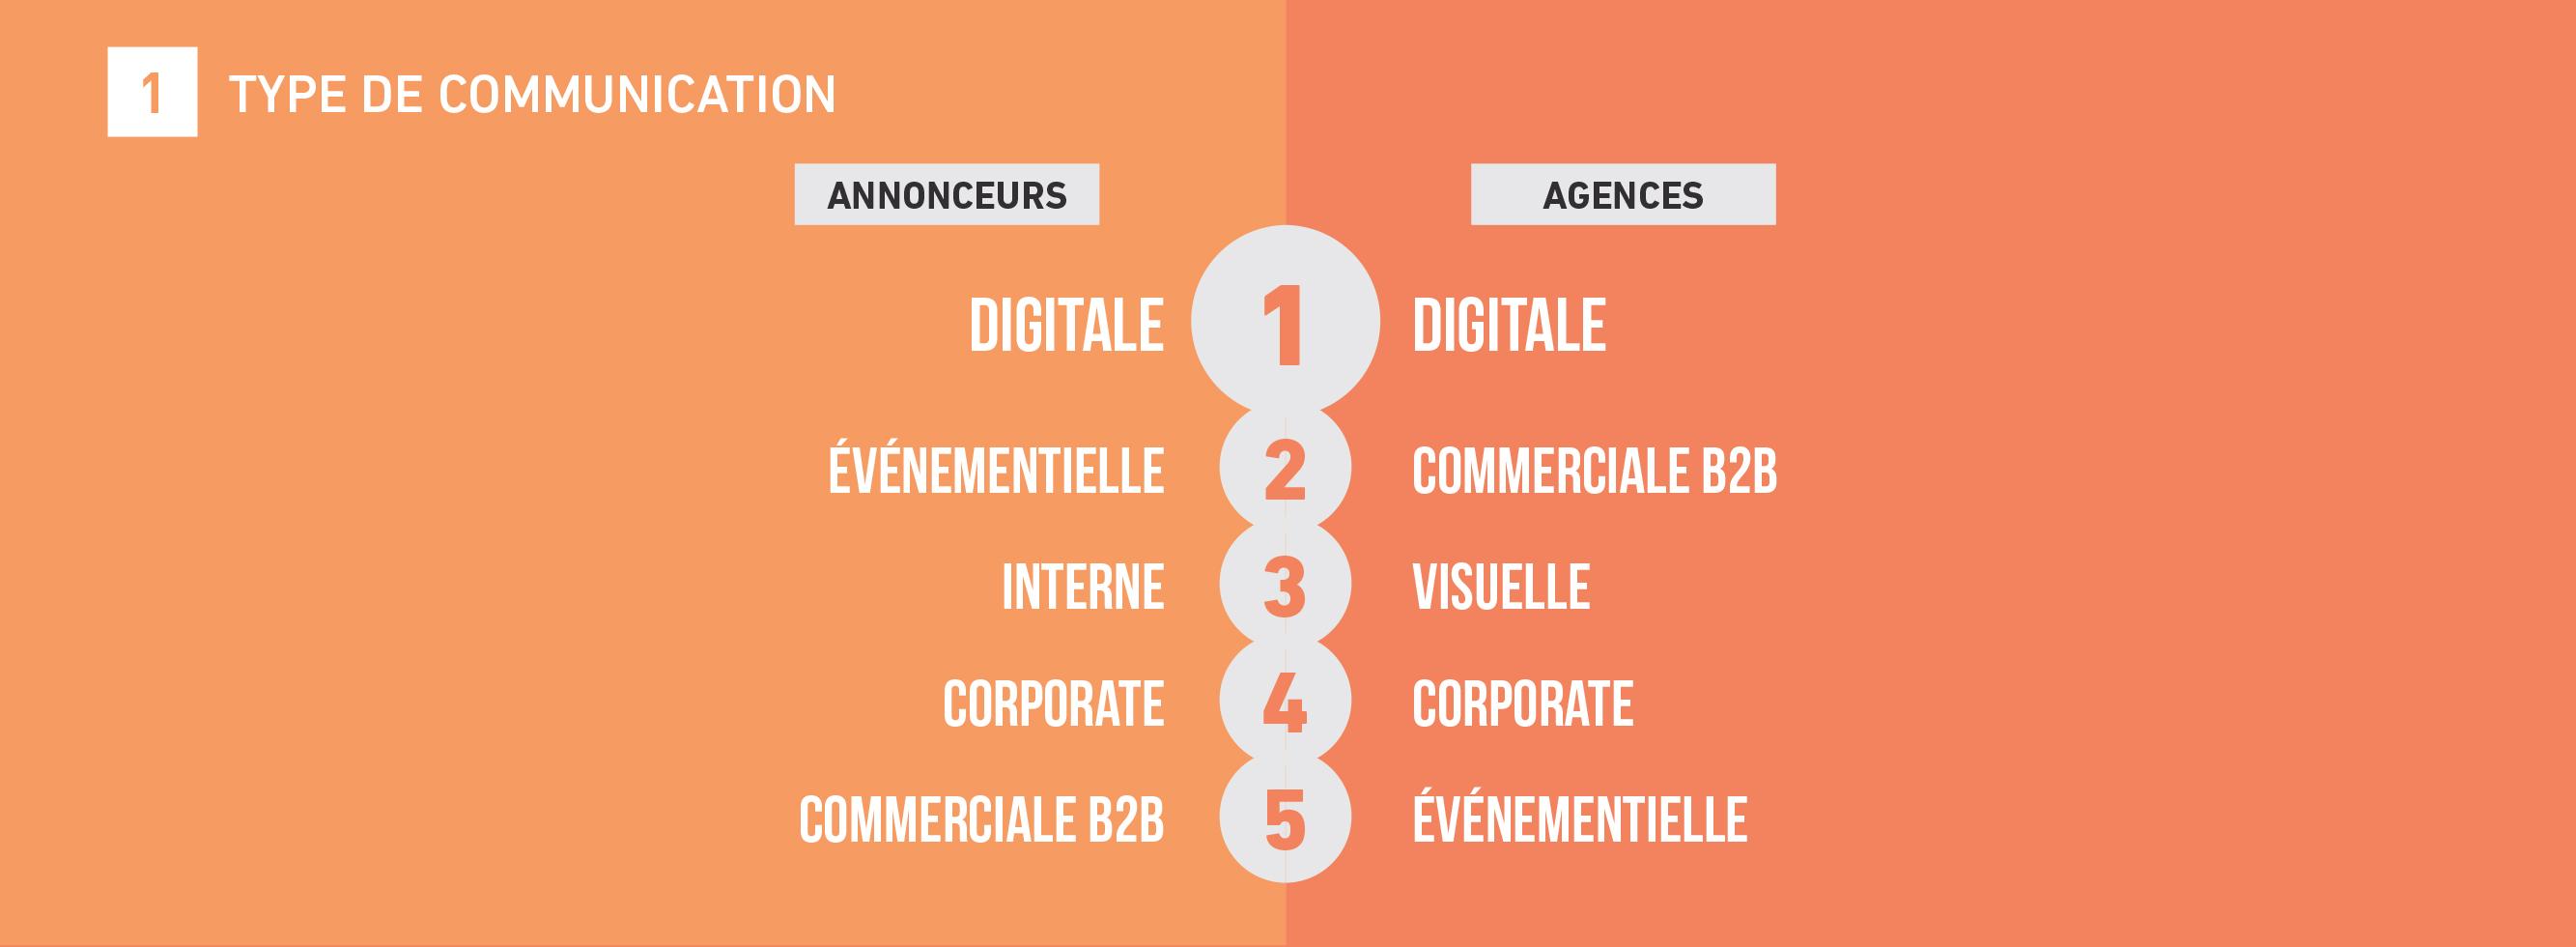 tendances-emploi-publicite-agences-annonceurs-barometre-metiers-communication-2018-sup-de-com-type-de-communication